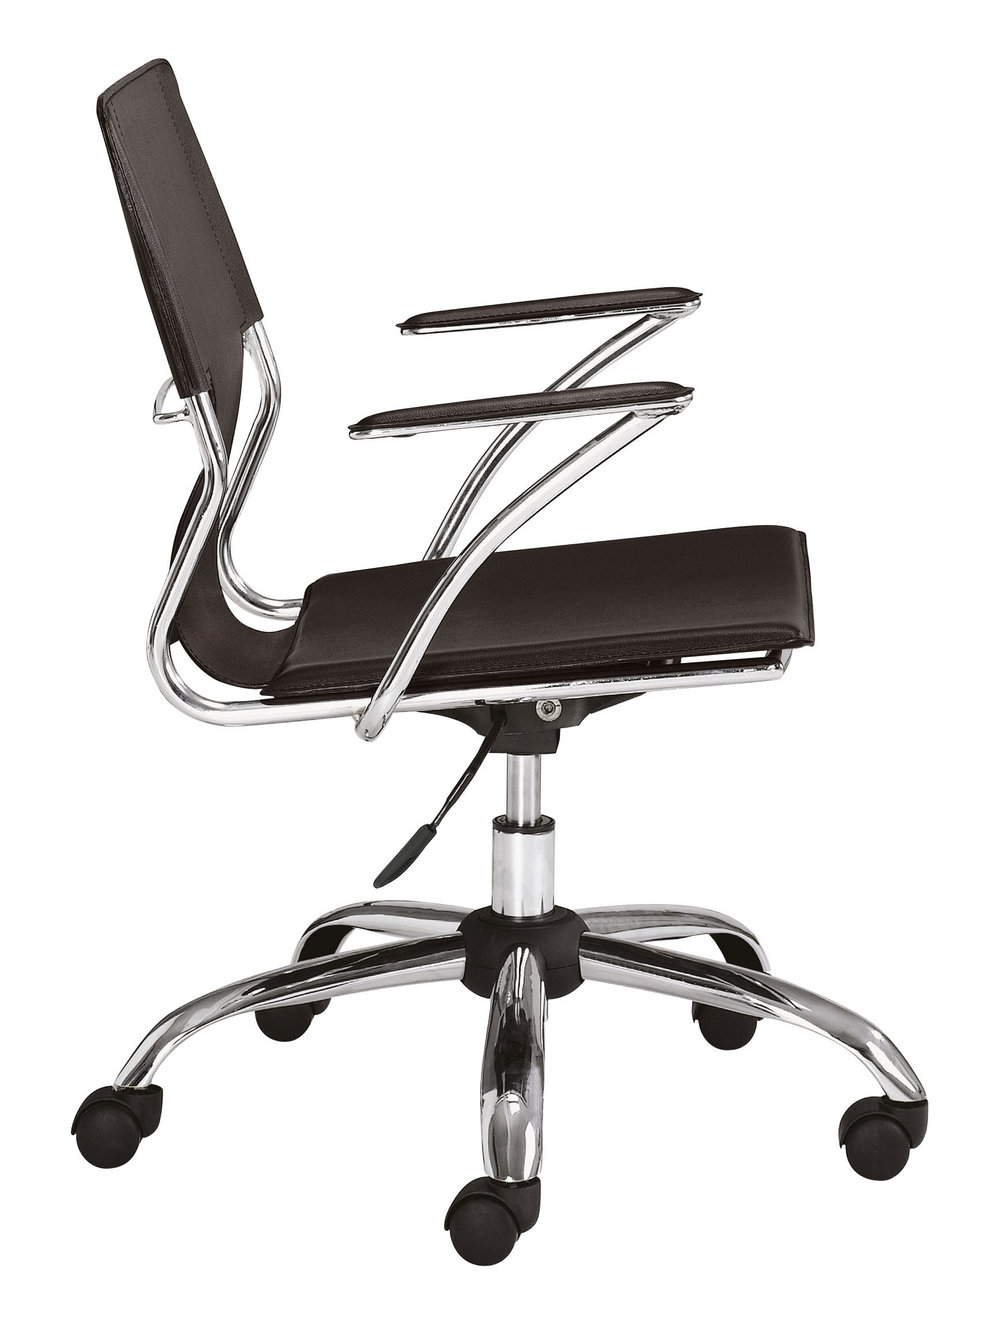 Zuo Modern Contemporary - Trafico Office Chair Espresso